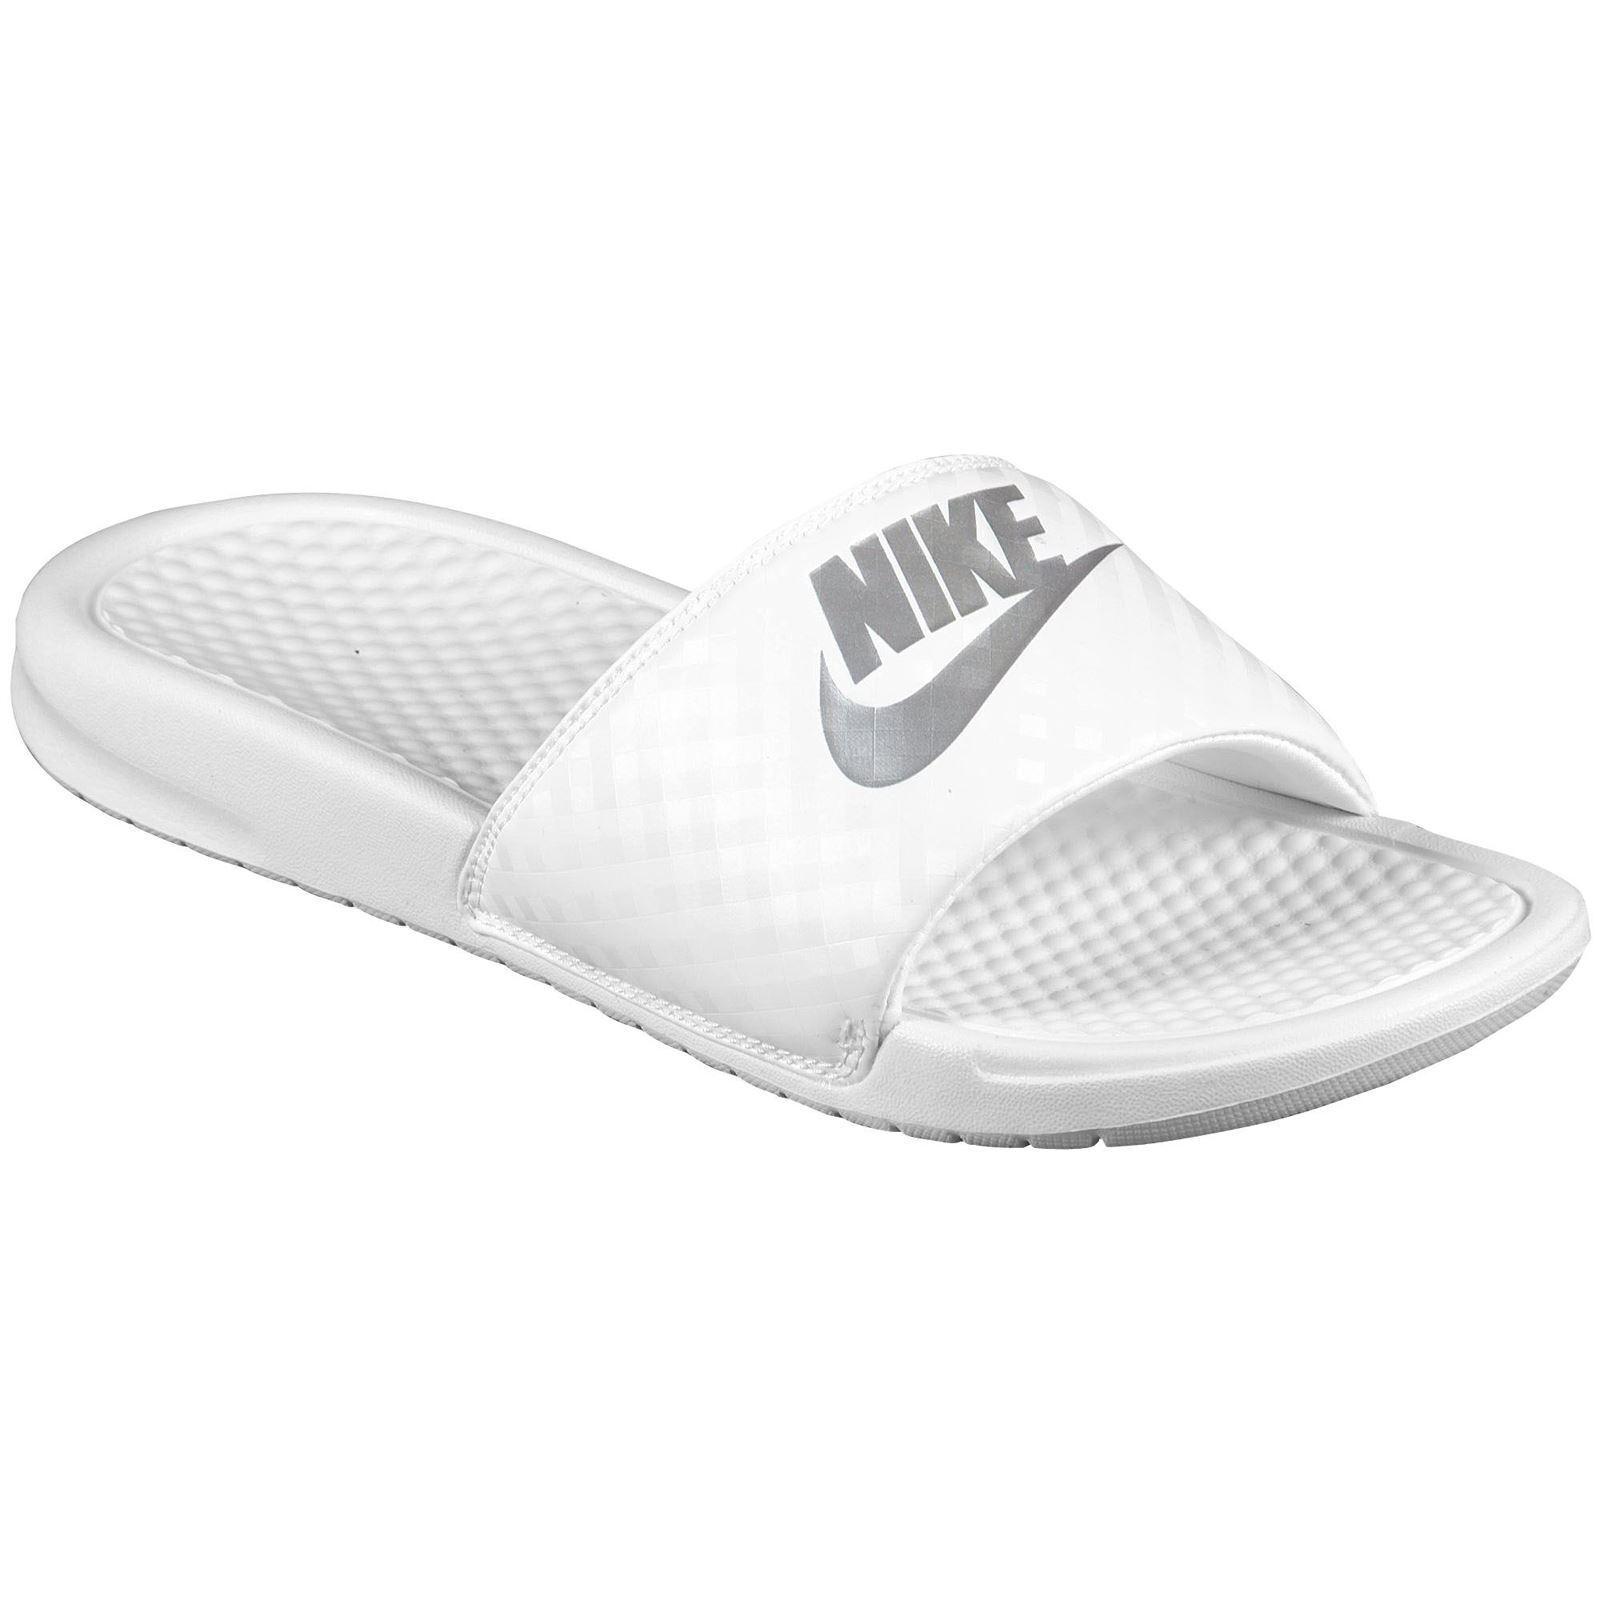 Nike Benassi Slides White All Sizes 5.5, Available UK 3.5, 4.5, 5.5, Sizes 6.5, 7.5 & 8.5 6137f9